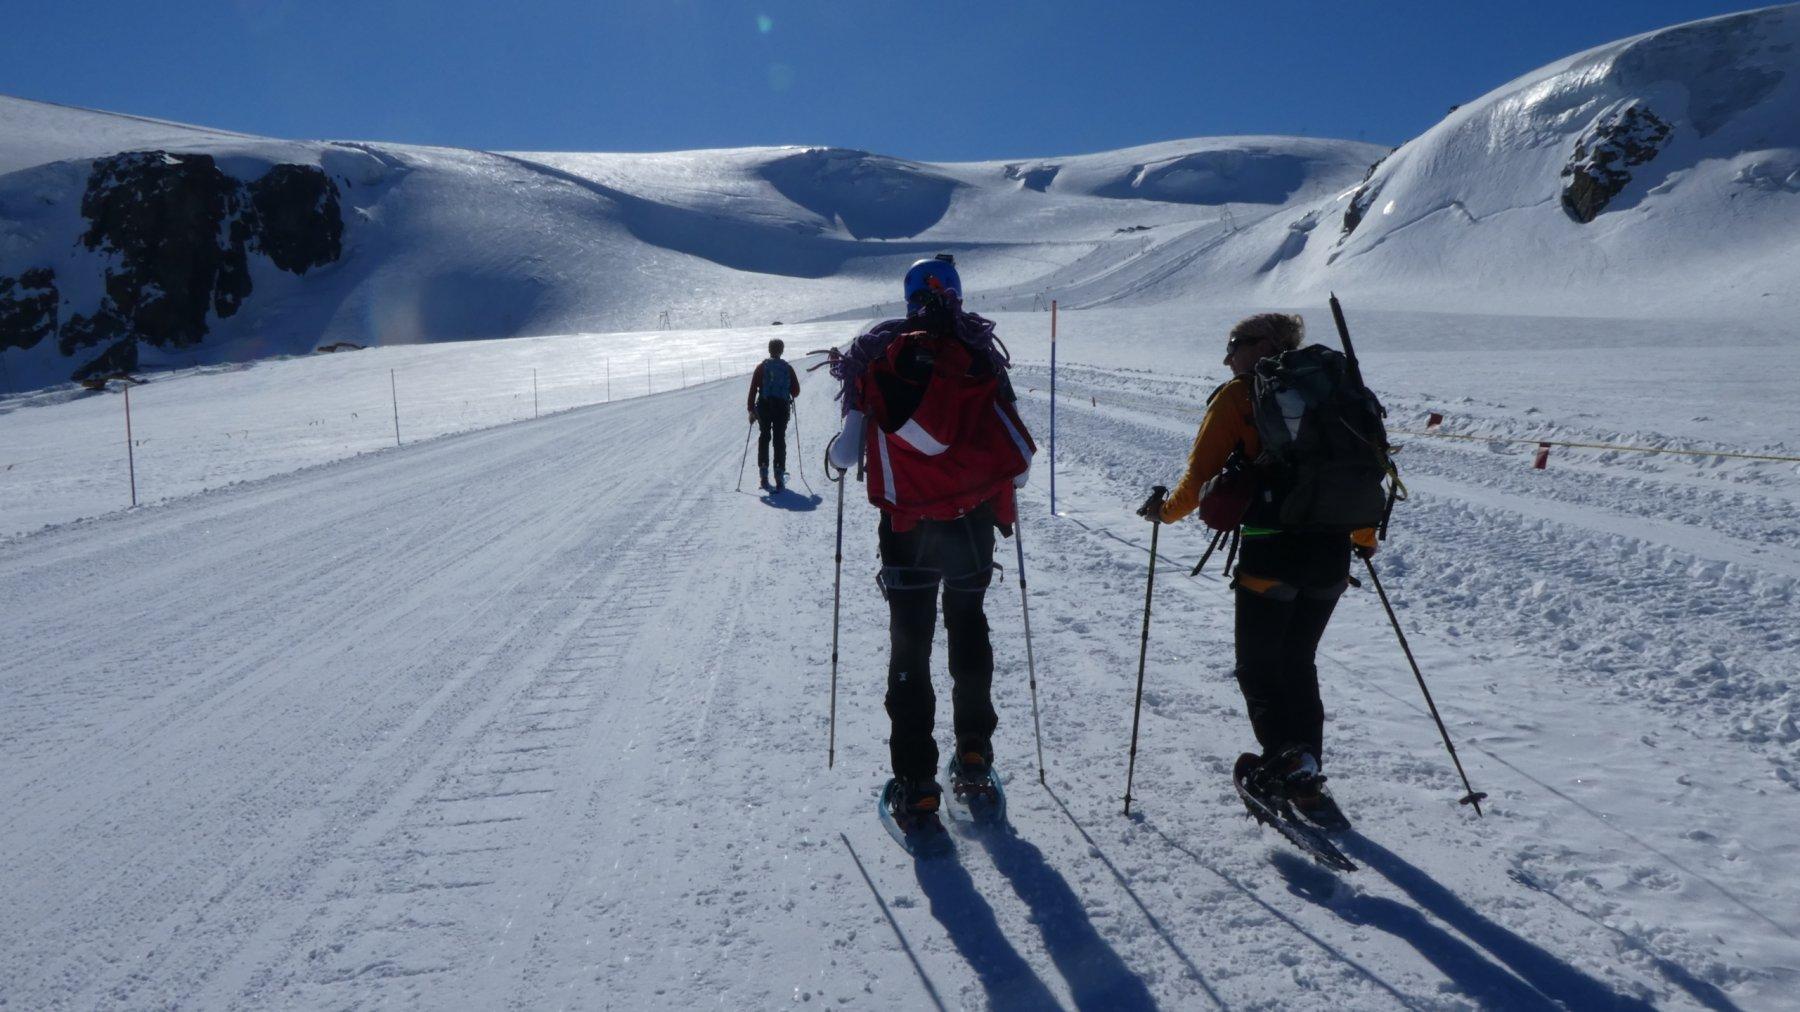 appena partiti, primi metri sul ghiacciaio dopo il Rifugio Guide del Cervino